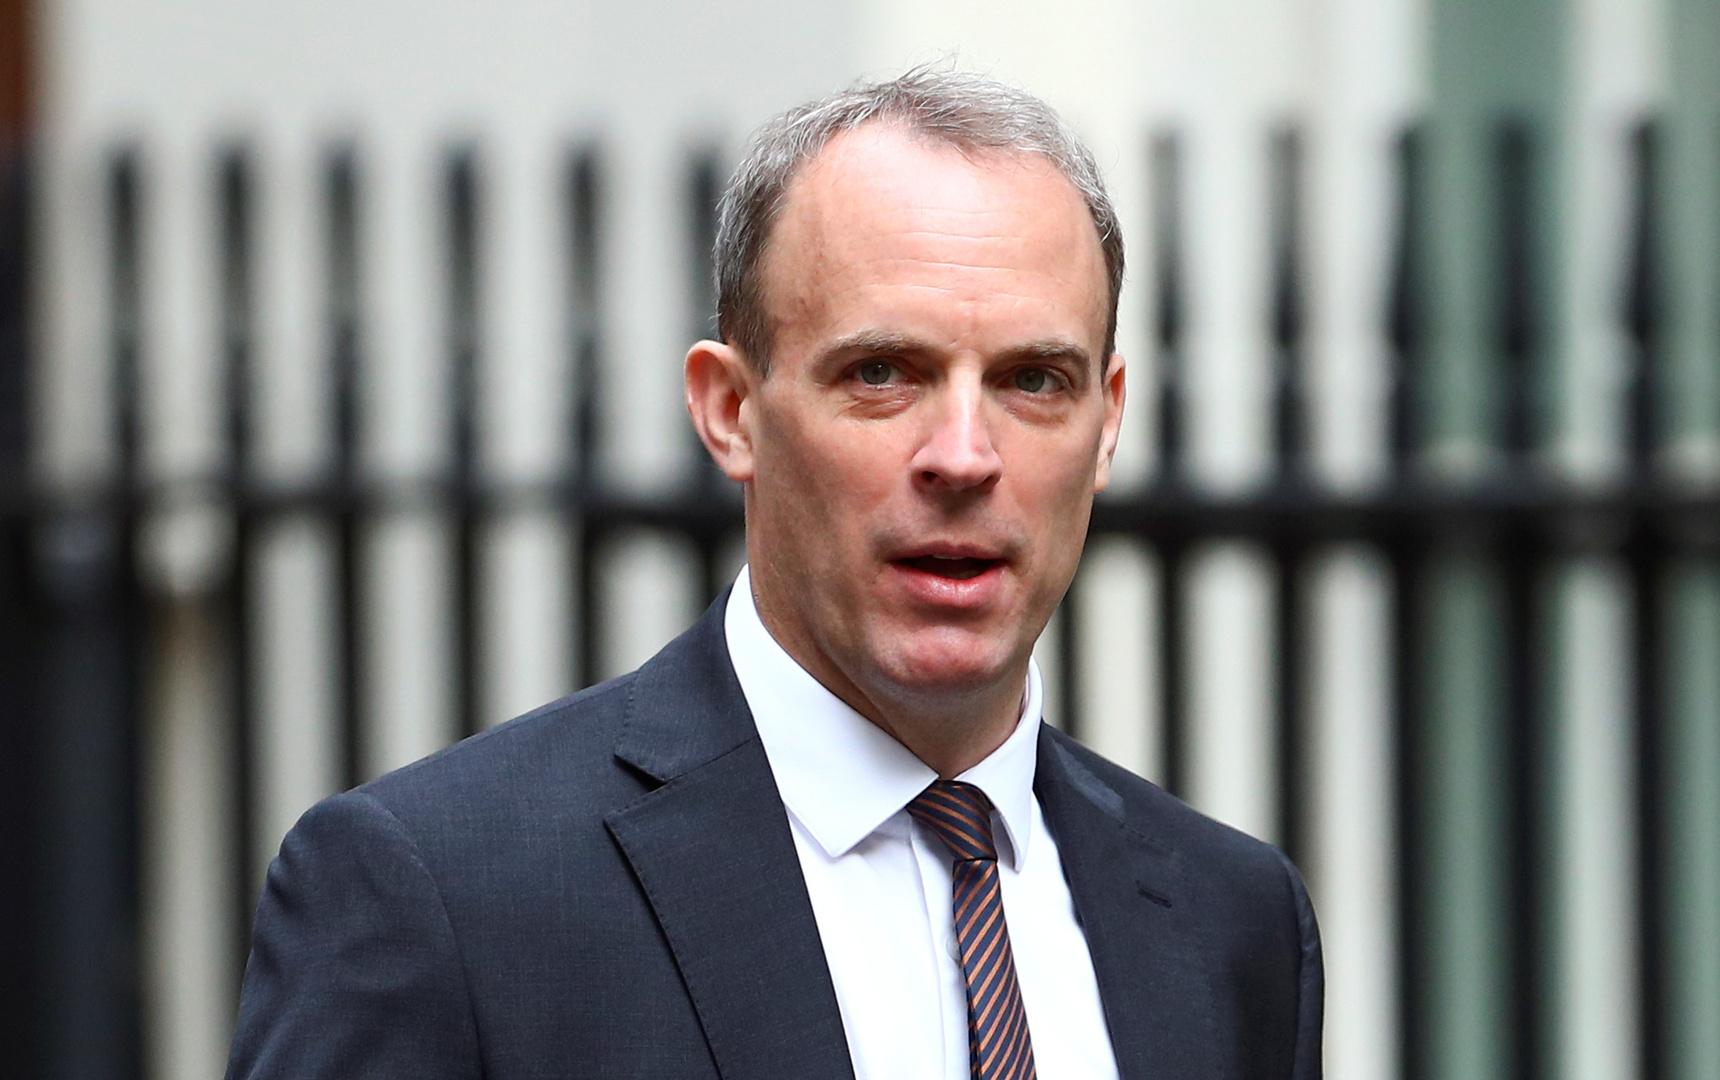 بريطانيا تطالب مجلس الأمن الدولي بمعاقبة إيران على خلفية حادثة الناقلة